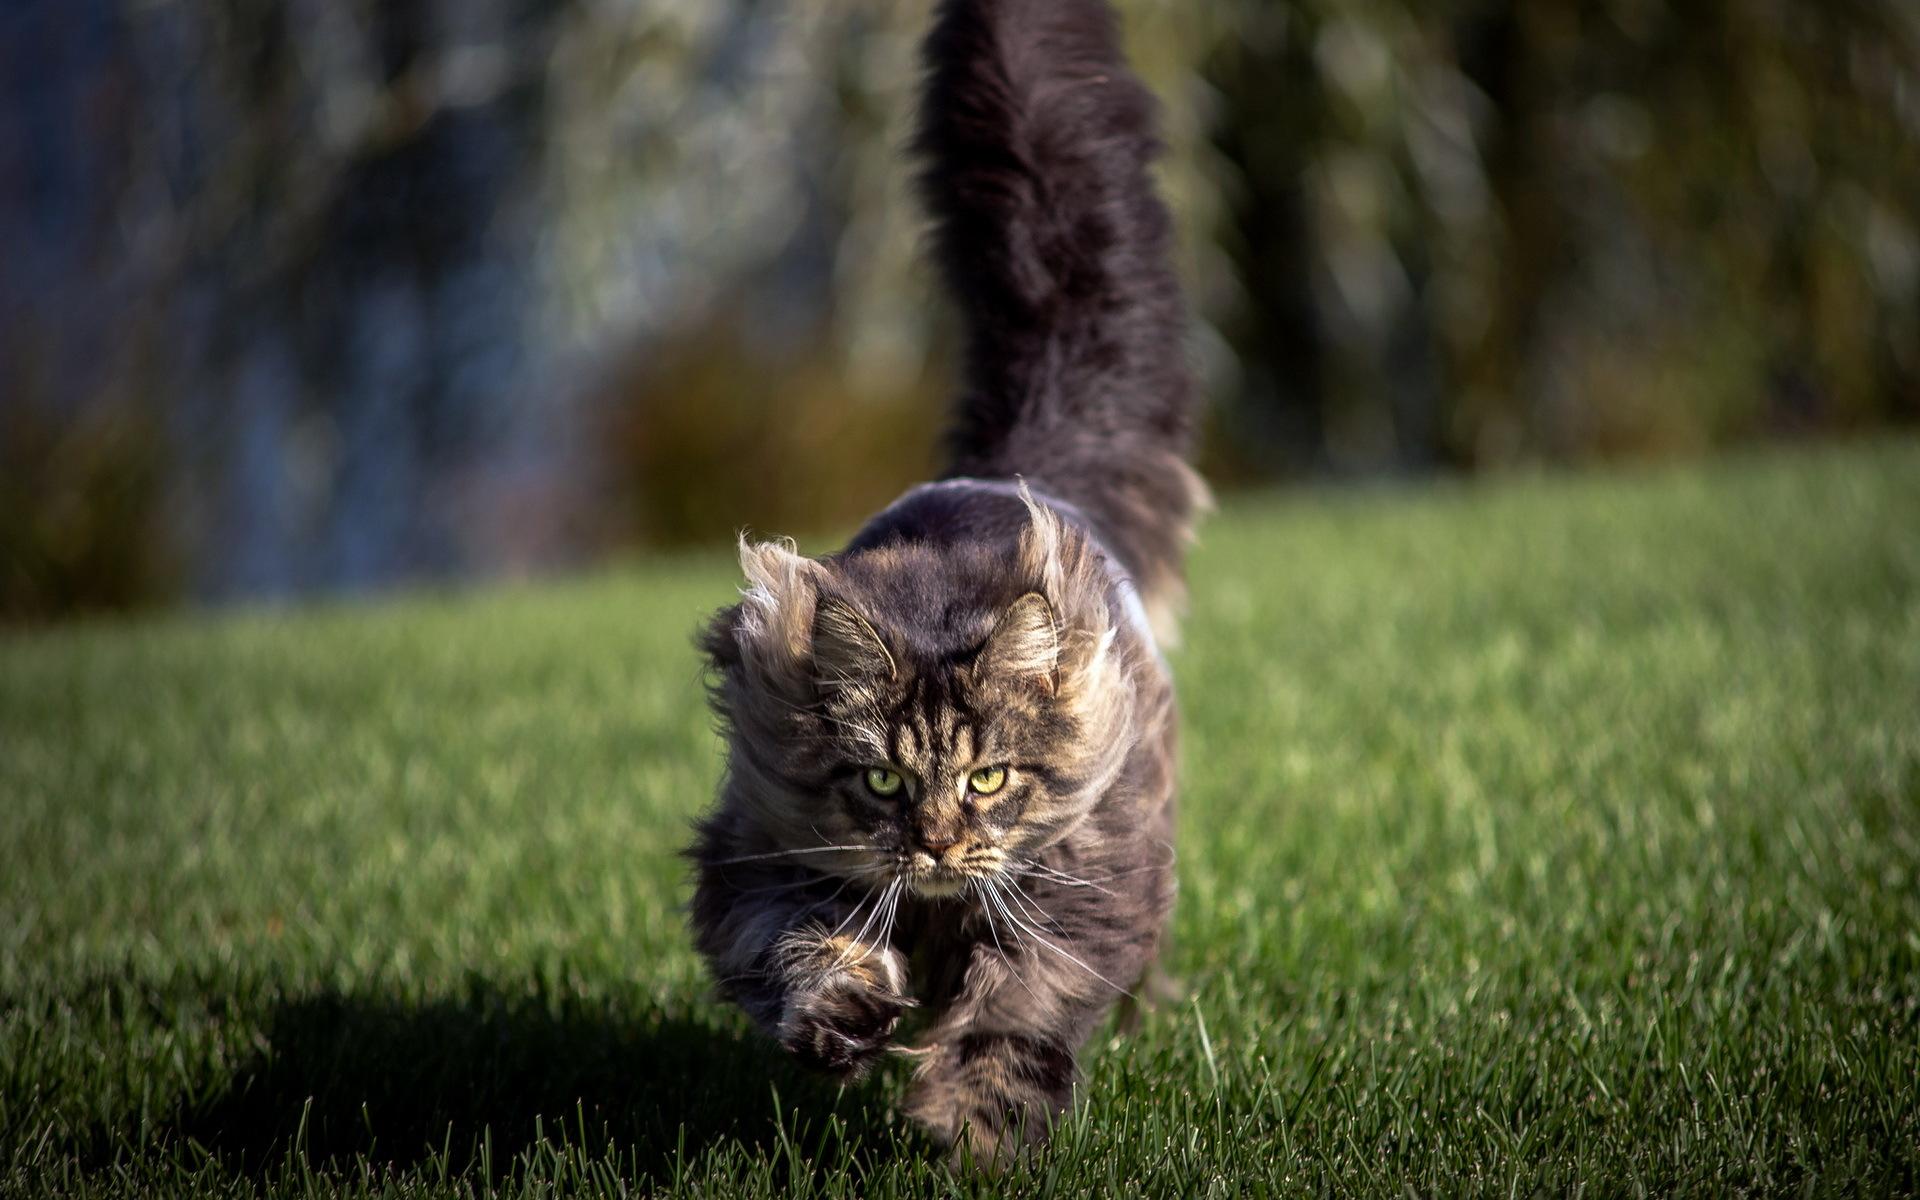 котенок хвост дыбом поле загрузить